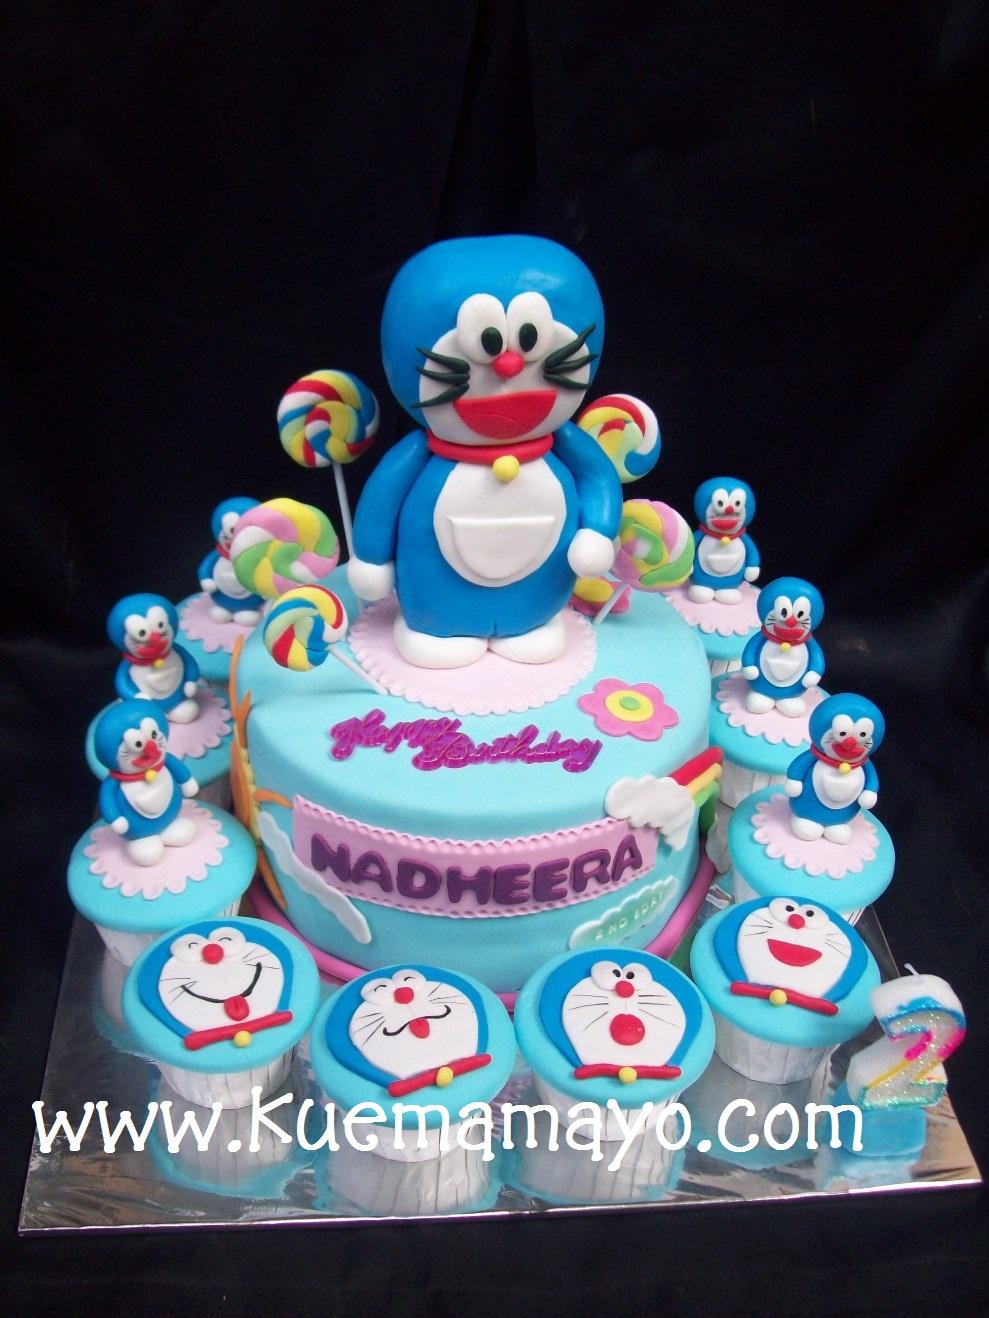 doraemon b'day cake-Nadheera | Mamayo